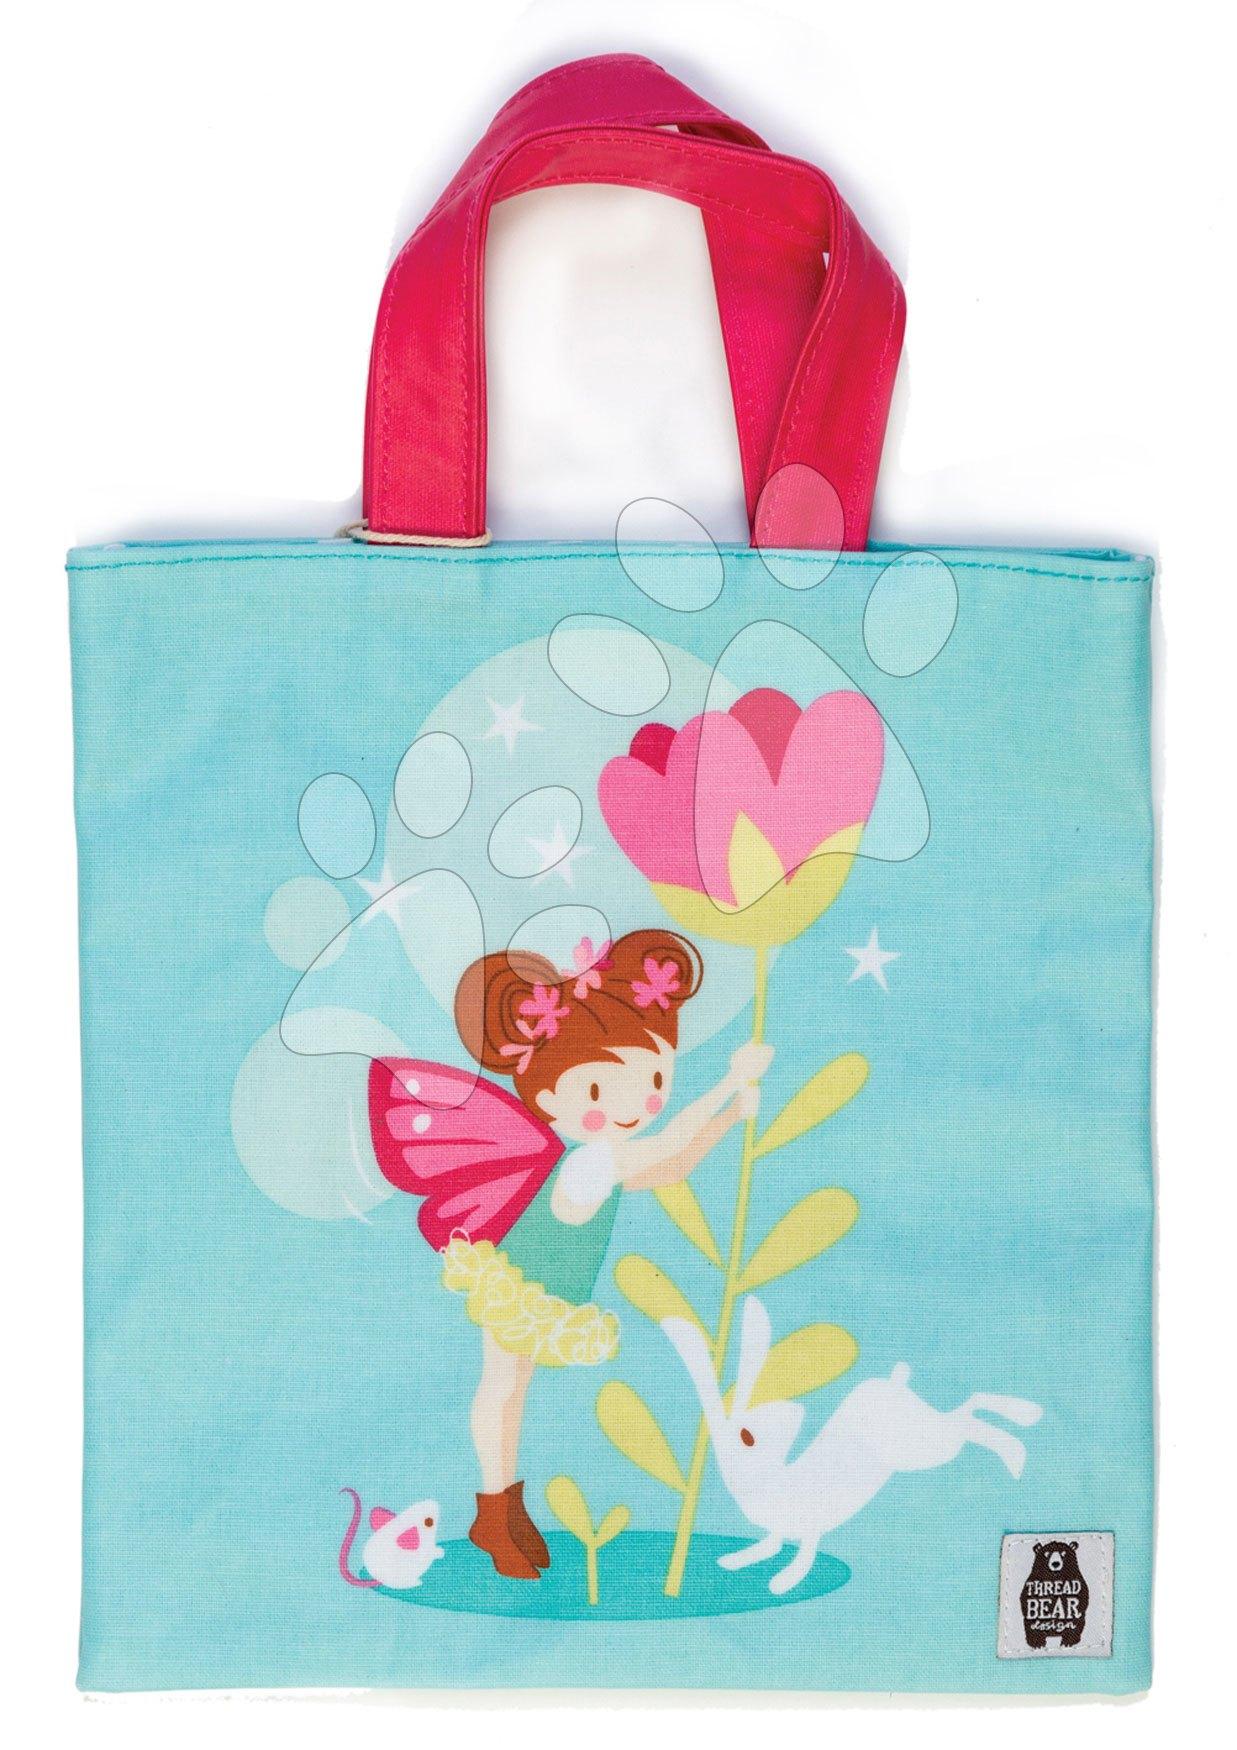 Plátená taška víla so zajačikom Trixie the Pixie Mini Tote Bag ThreadBear od 3-6 rokov